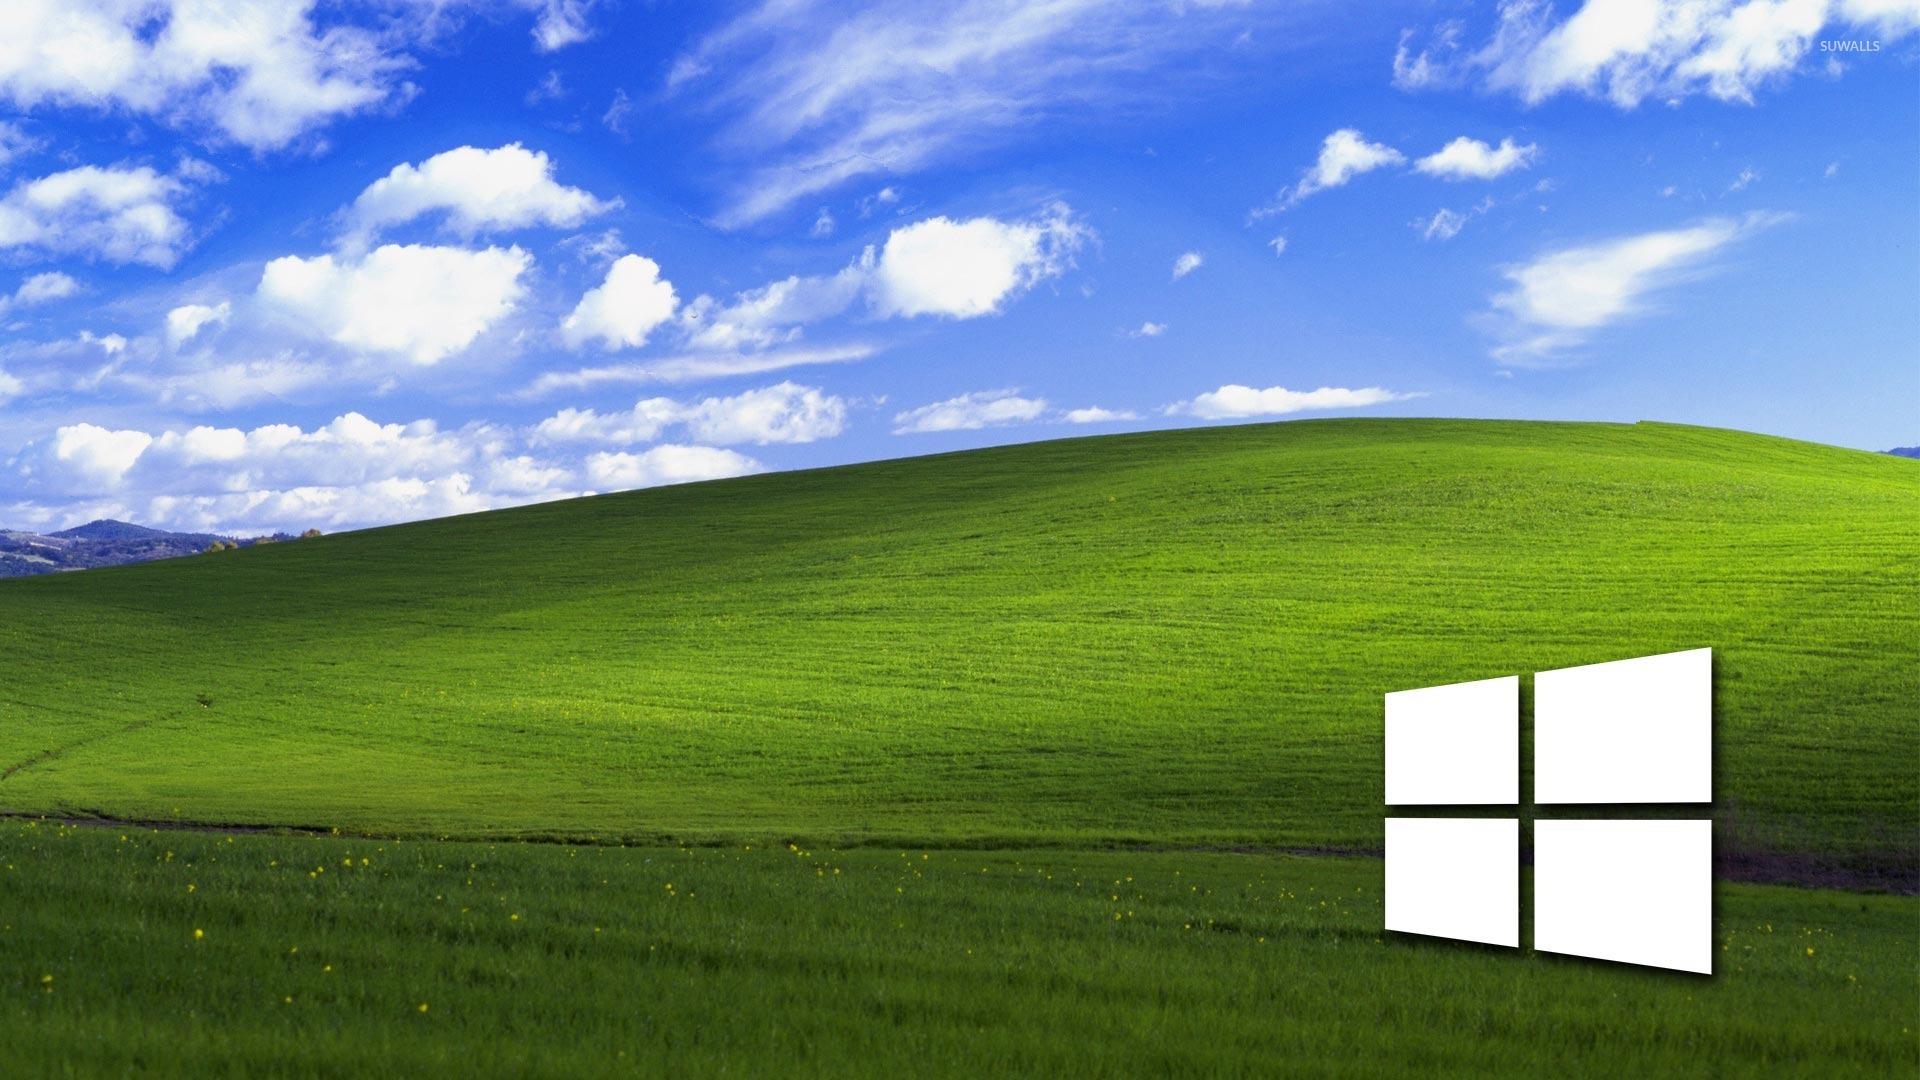 Обои windows xp картинки